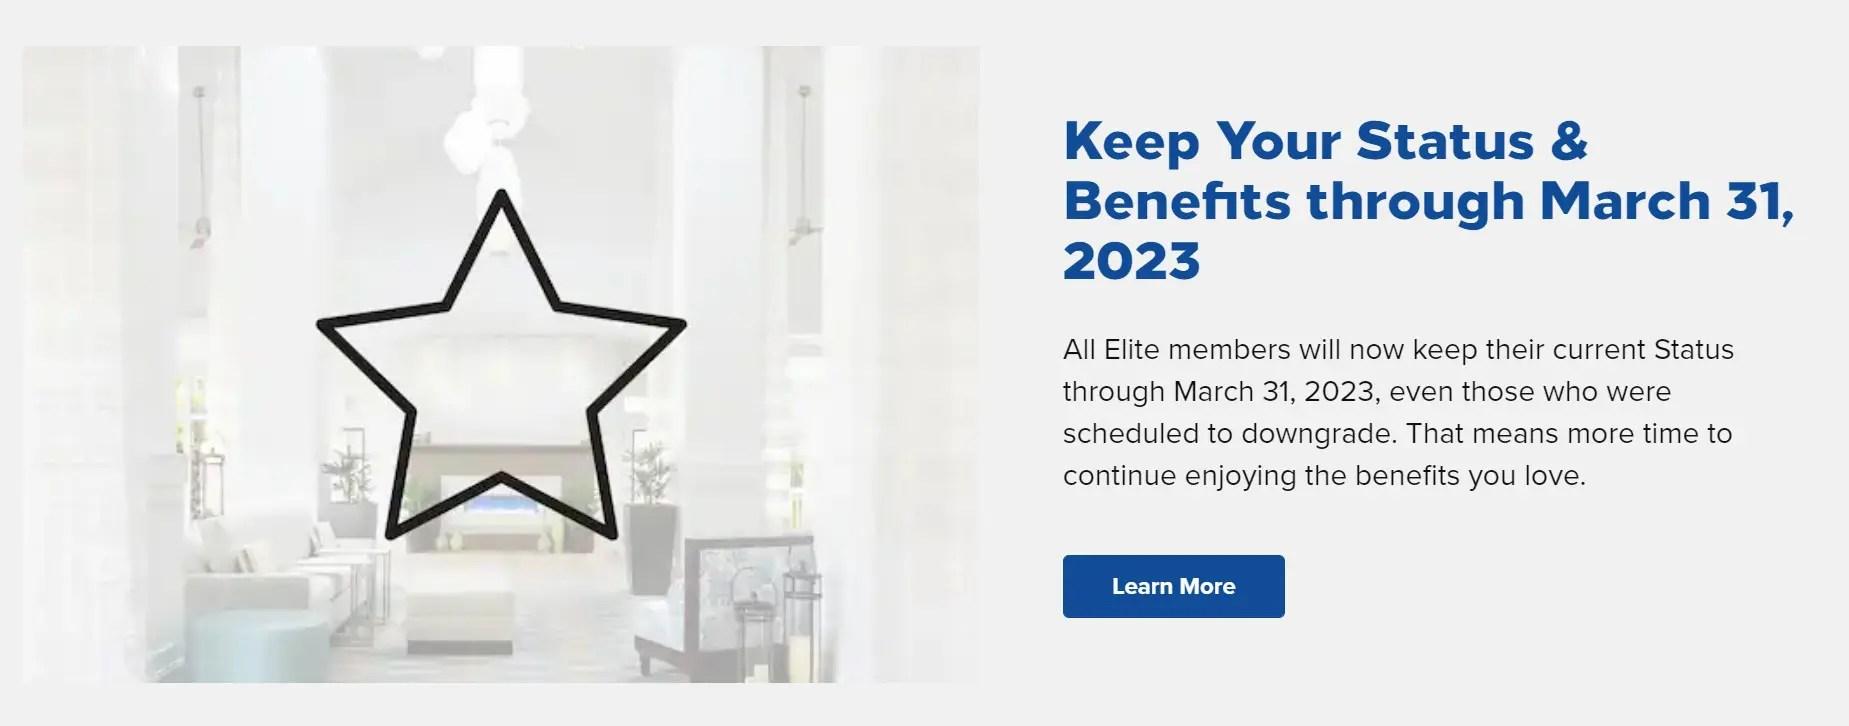 ヒルトンがステータス延長・2022年上級会員資格緩和を発表